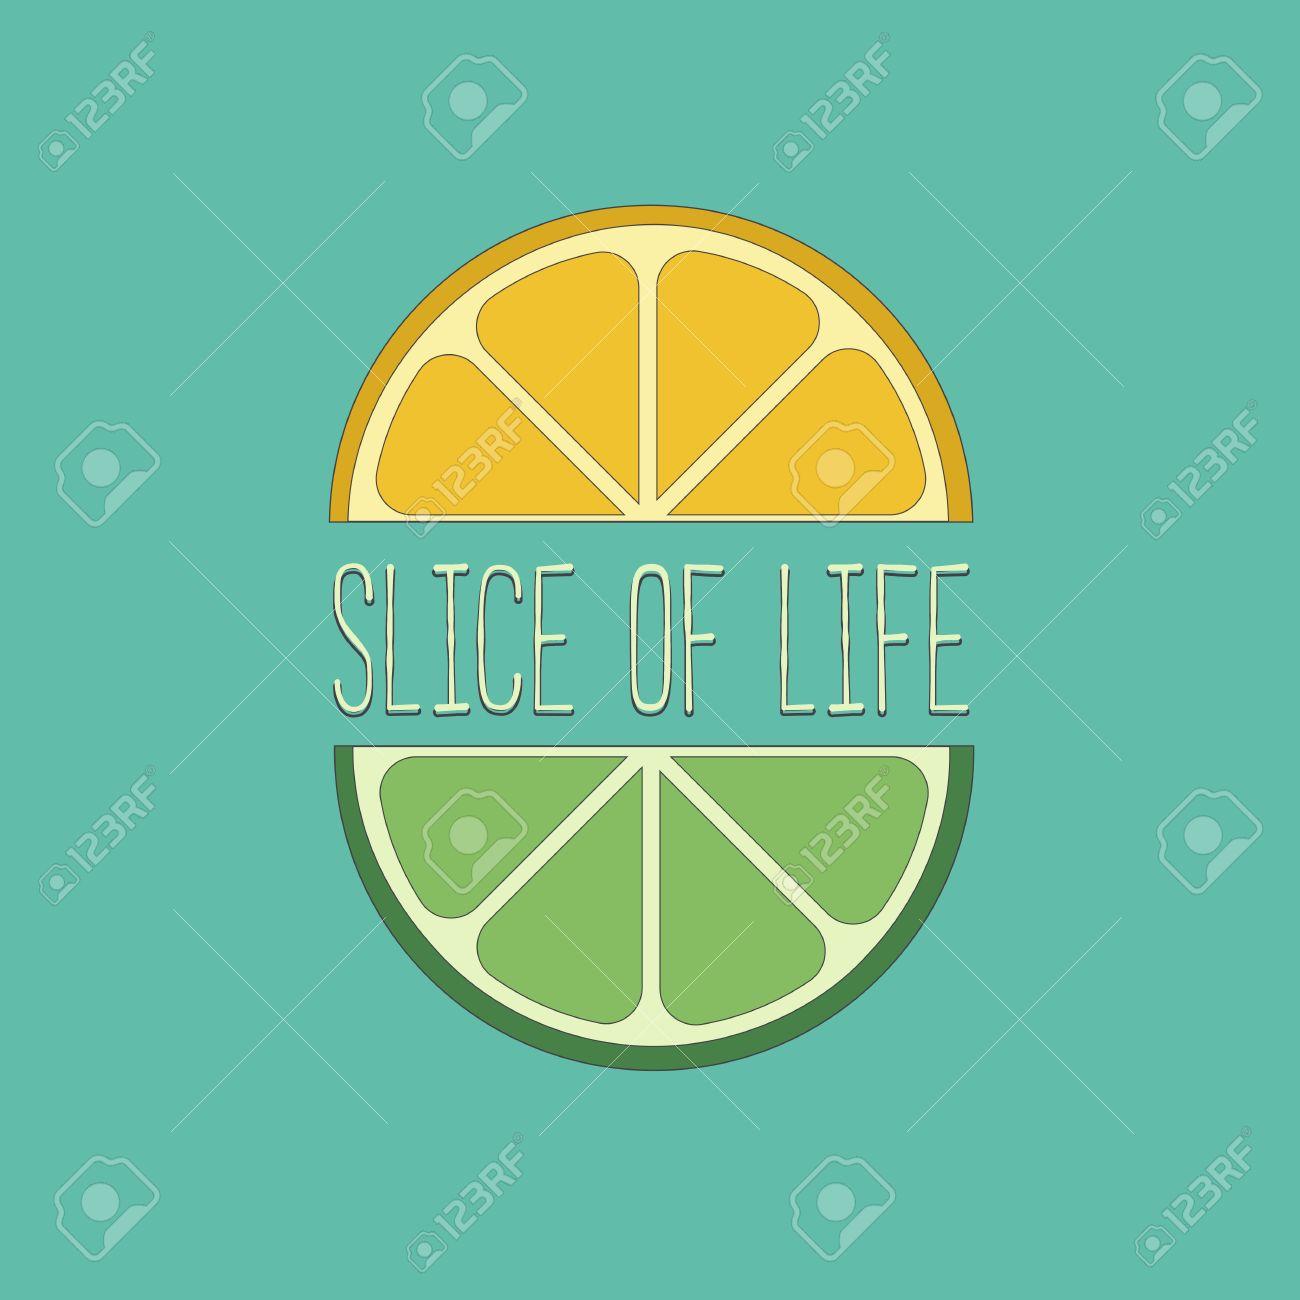 Citrus Fruits Famous Quote Slice Of Life Concept Lemon Lime